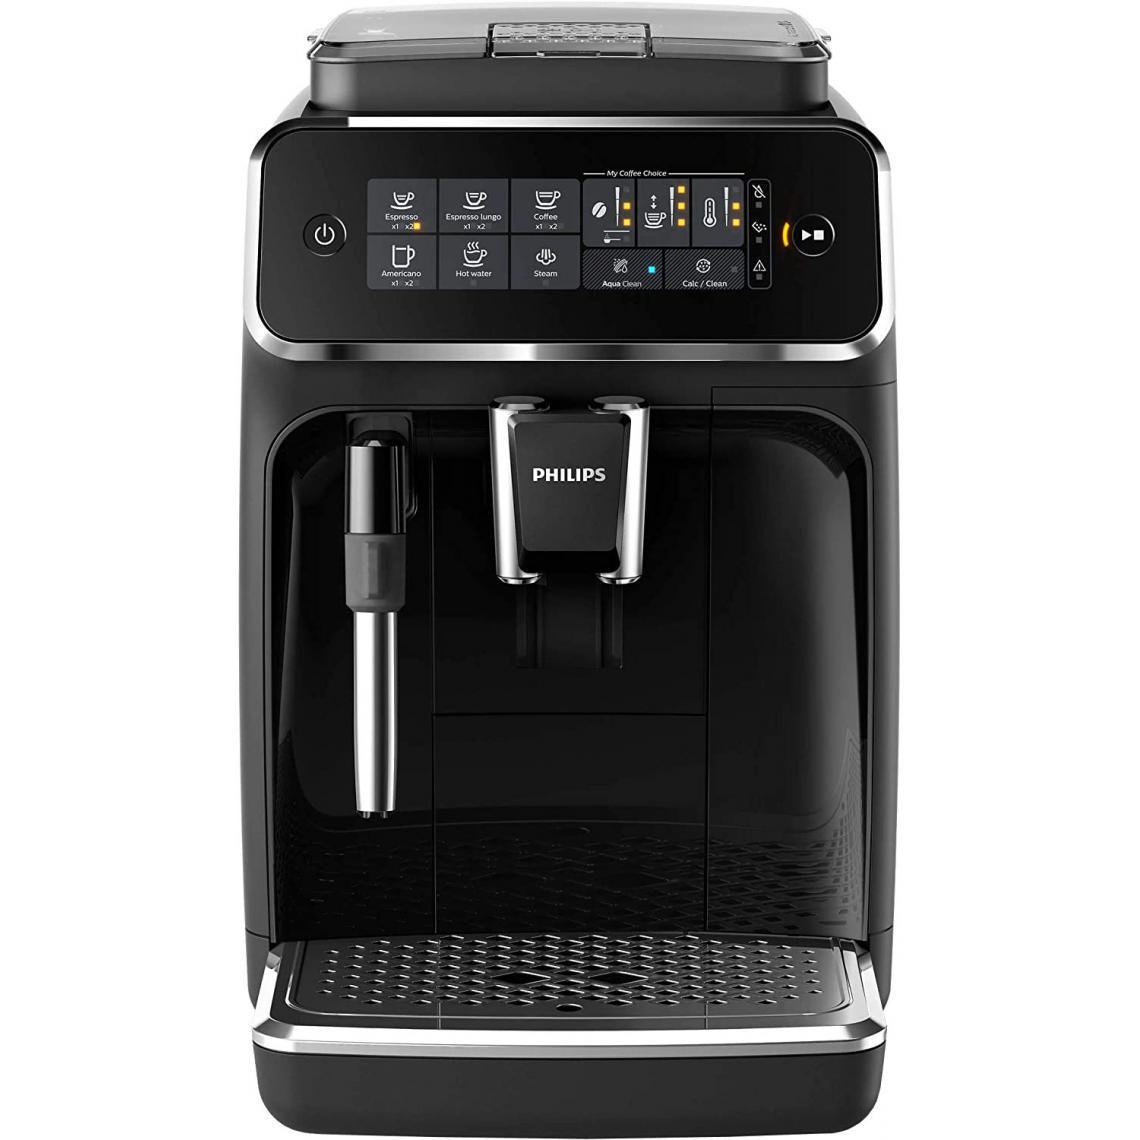 Philips Machine à café Expresso broyeur Series 3200 - EP3221/40 - Noir